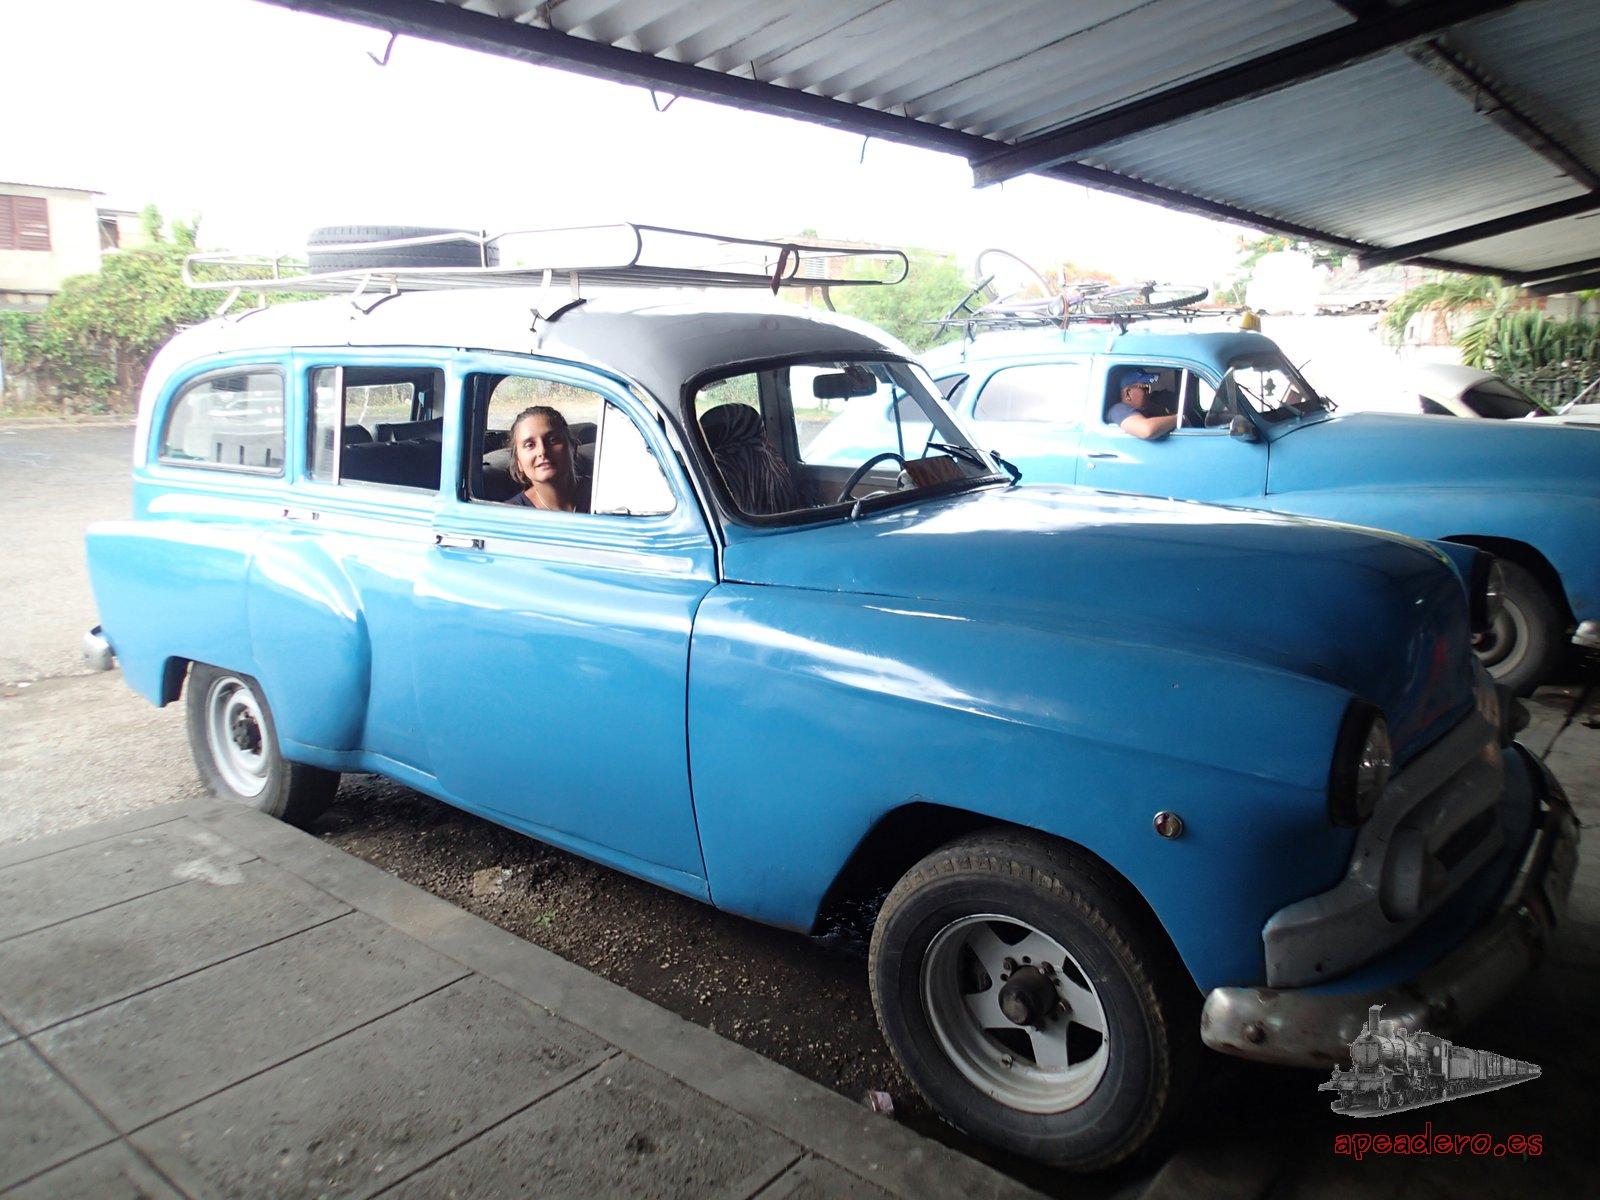 Las máquinas son la forma más rápida de desplazarse en el triángulo de oro de Cuba.